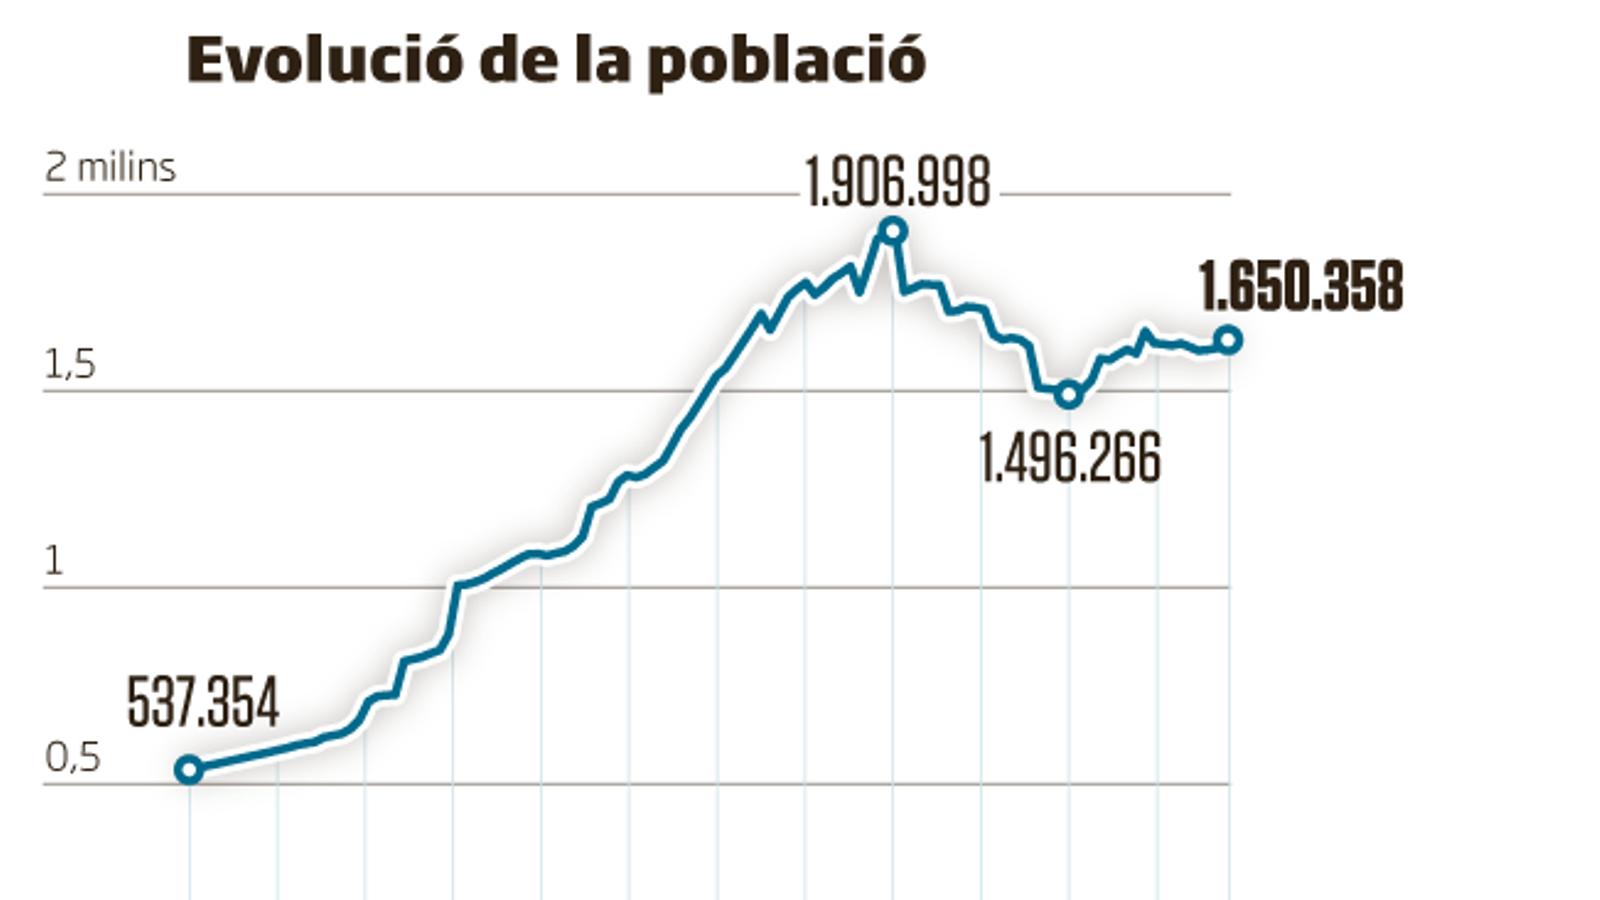 1,65 milions de barcelonins, la xifra més alta des dels Jocs Olímpics